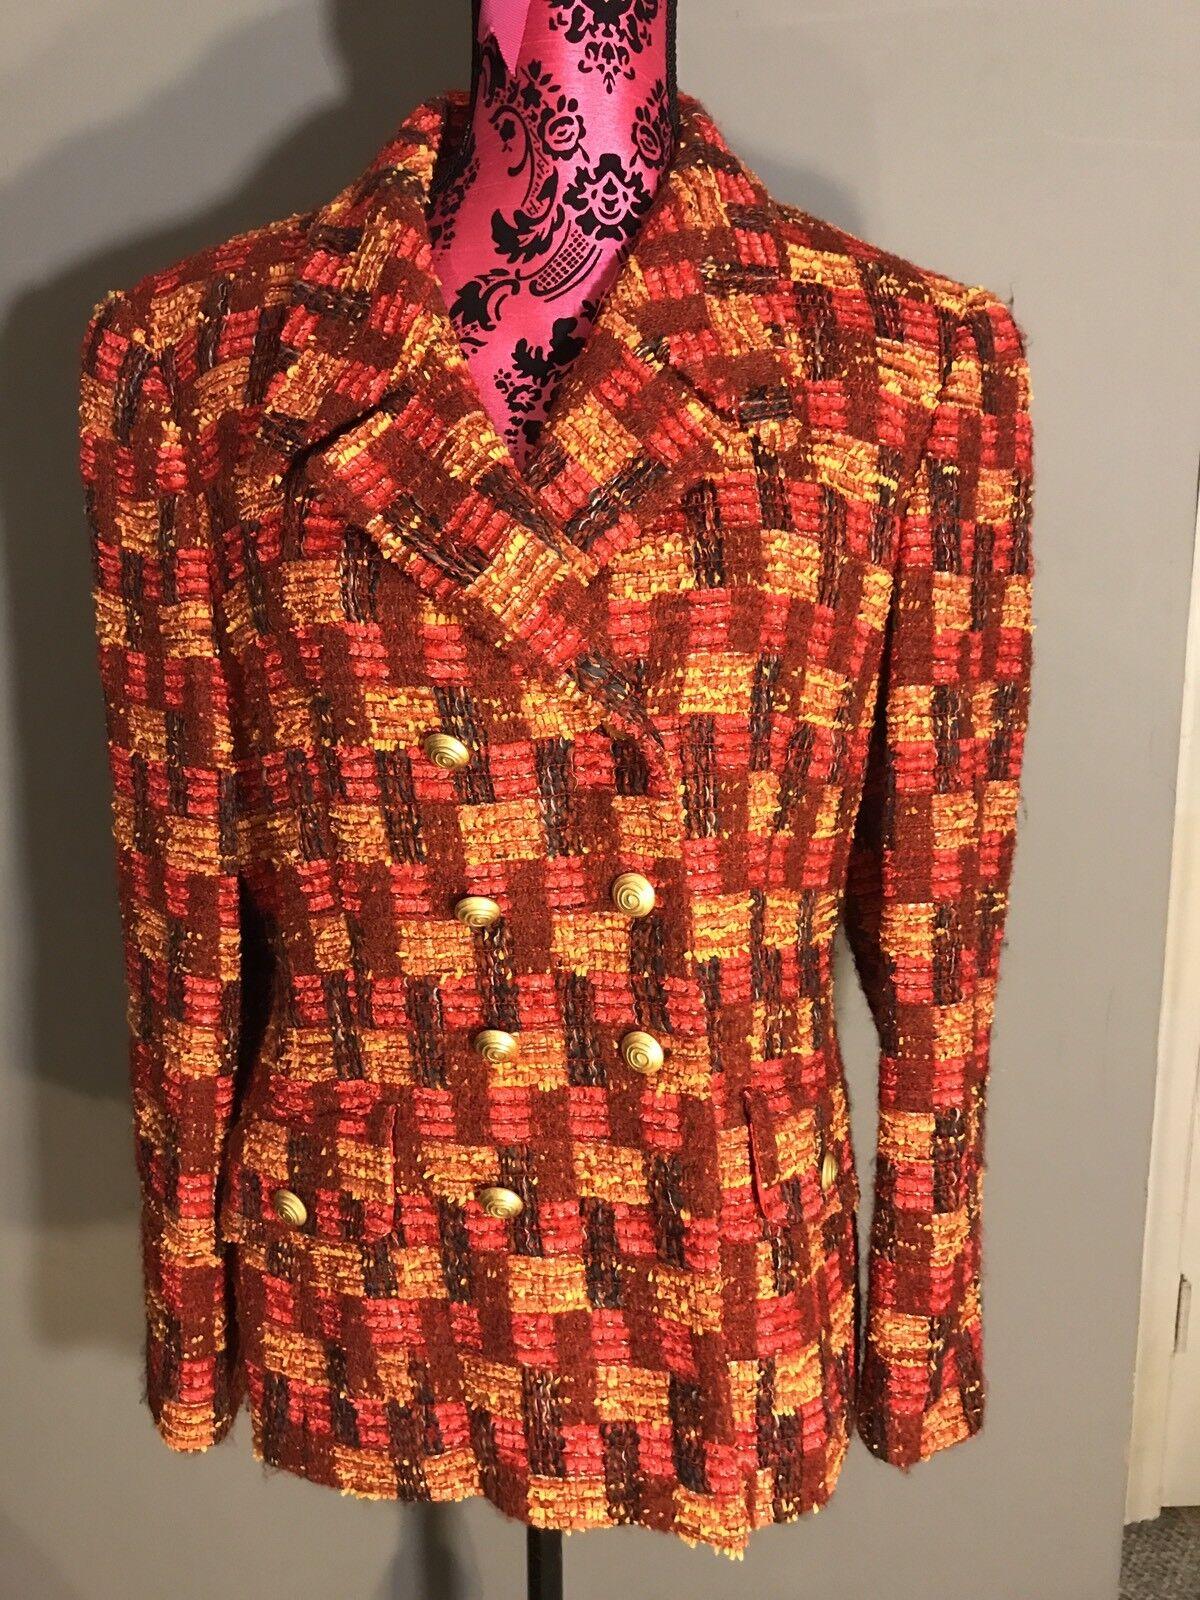 Unique Escada Red Plaid Wool Blazer Size 40 (US 8)